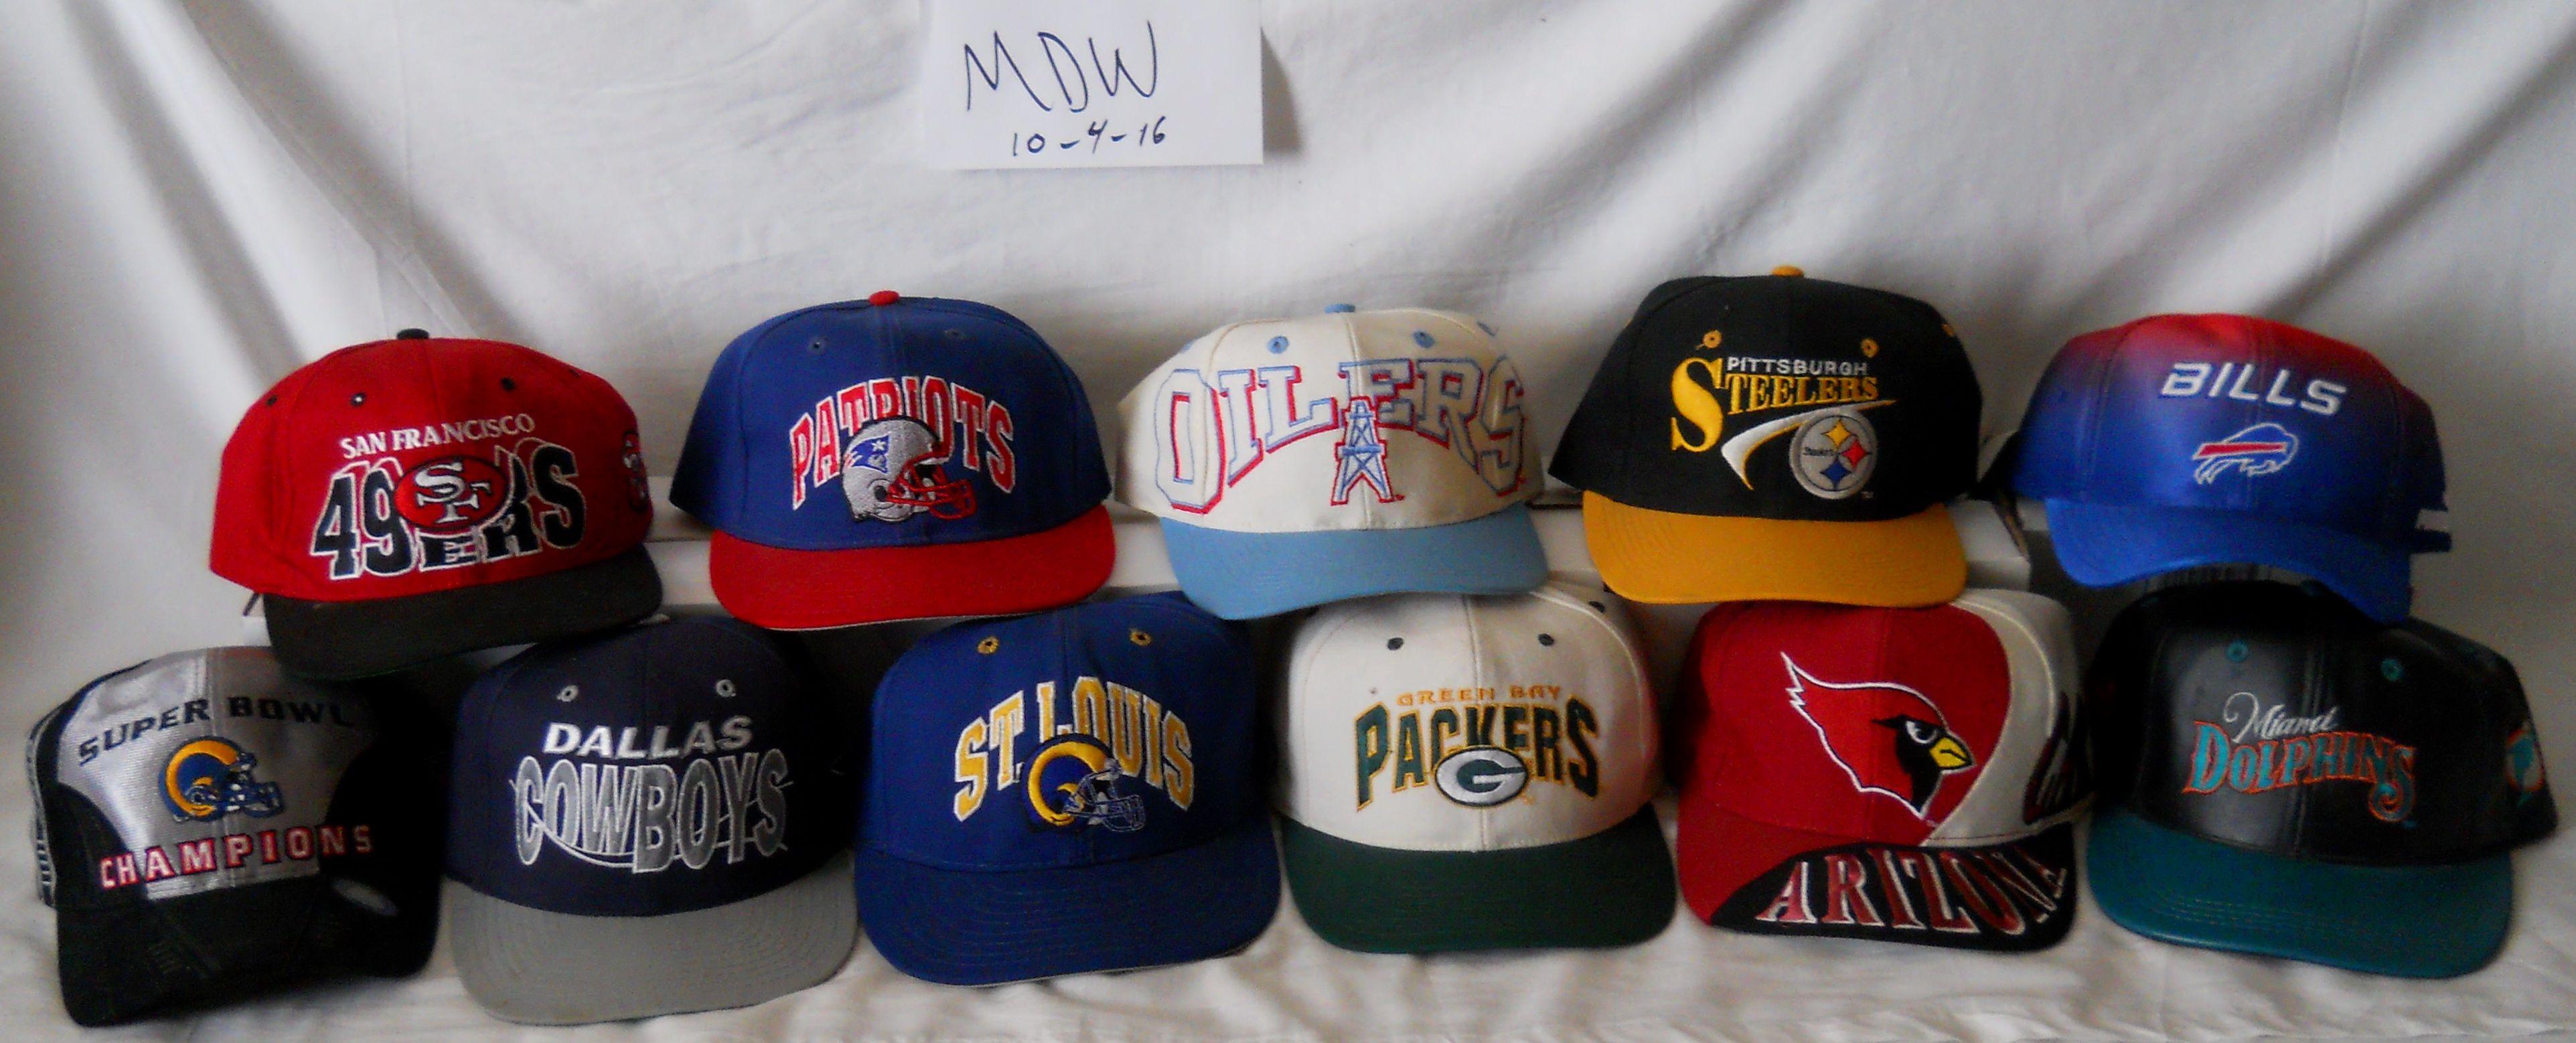 3402d6621 Lot 3 NFL Hats - Various AJD